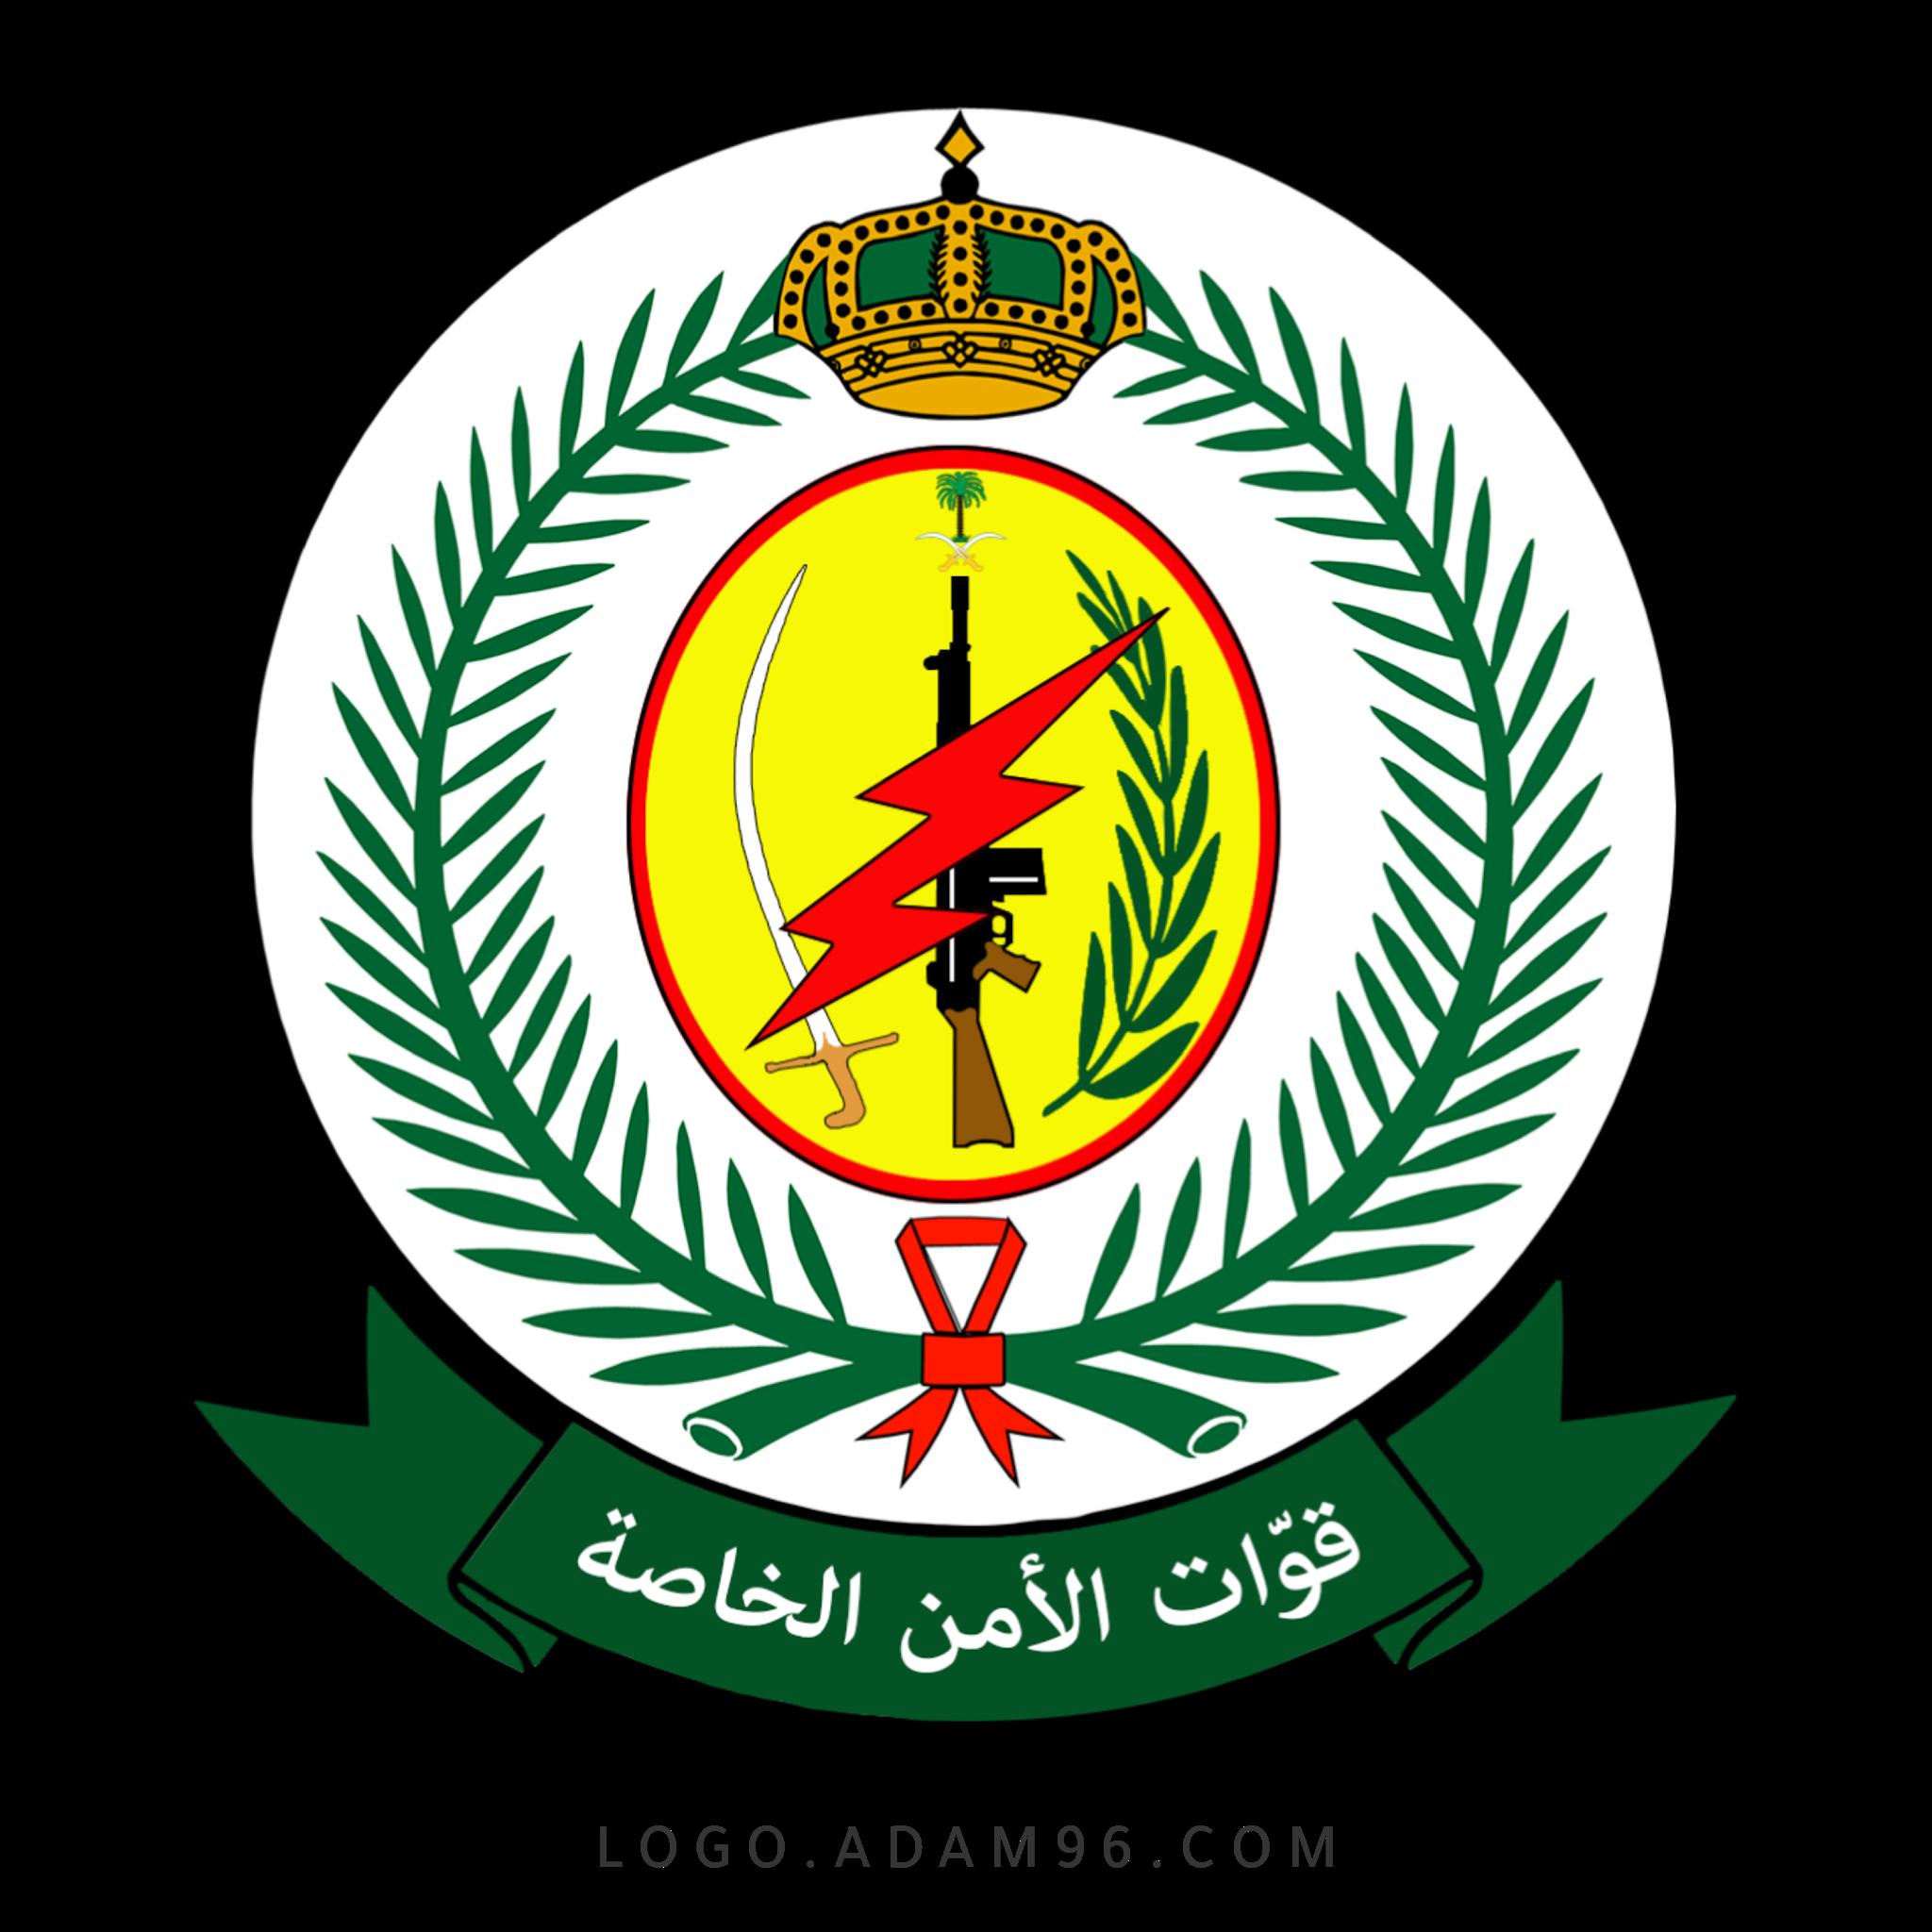 تحميل شعار قوات الأمن الخاصة السعودية لوجو رسمي عالي الجودة PNG